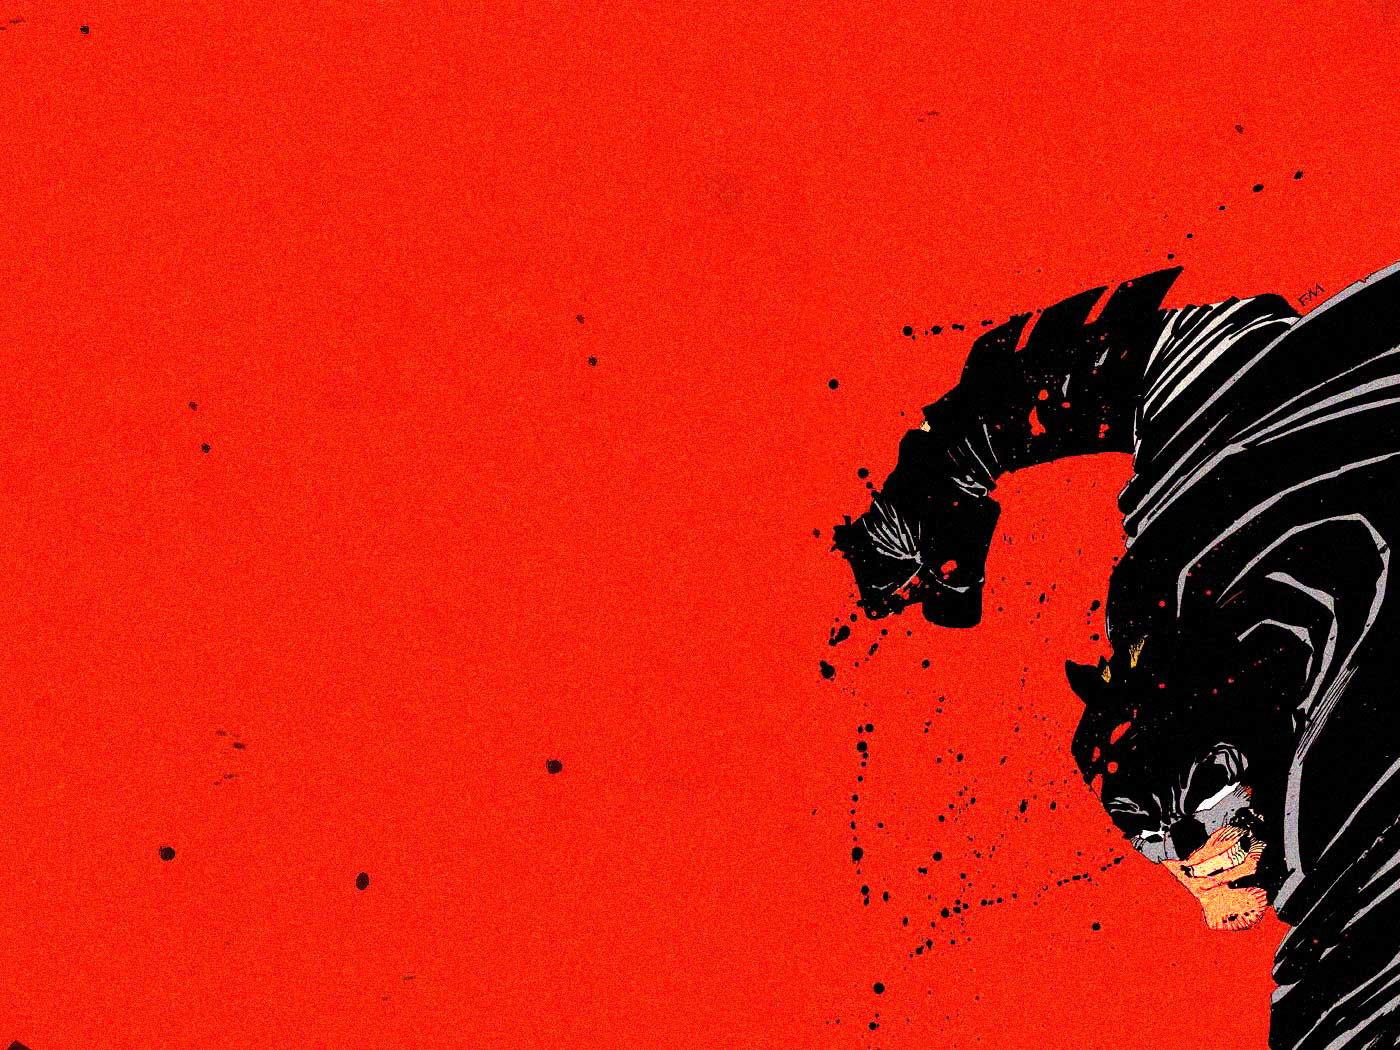 Badass Batman Wallpaper 1400x1050 Badass Batman Dc Wallpapers 1400x1050